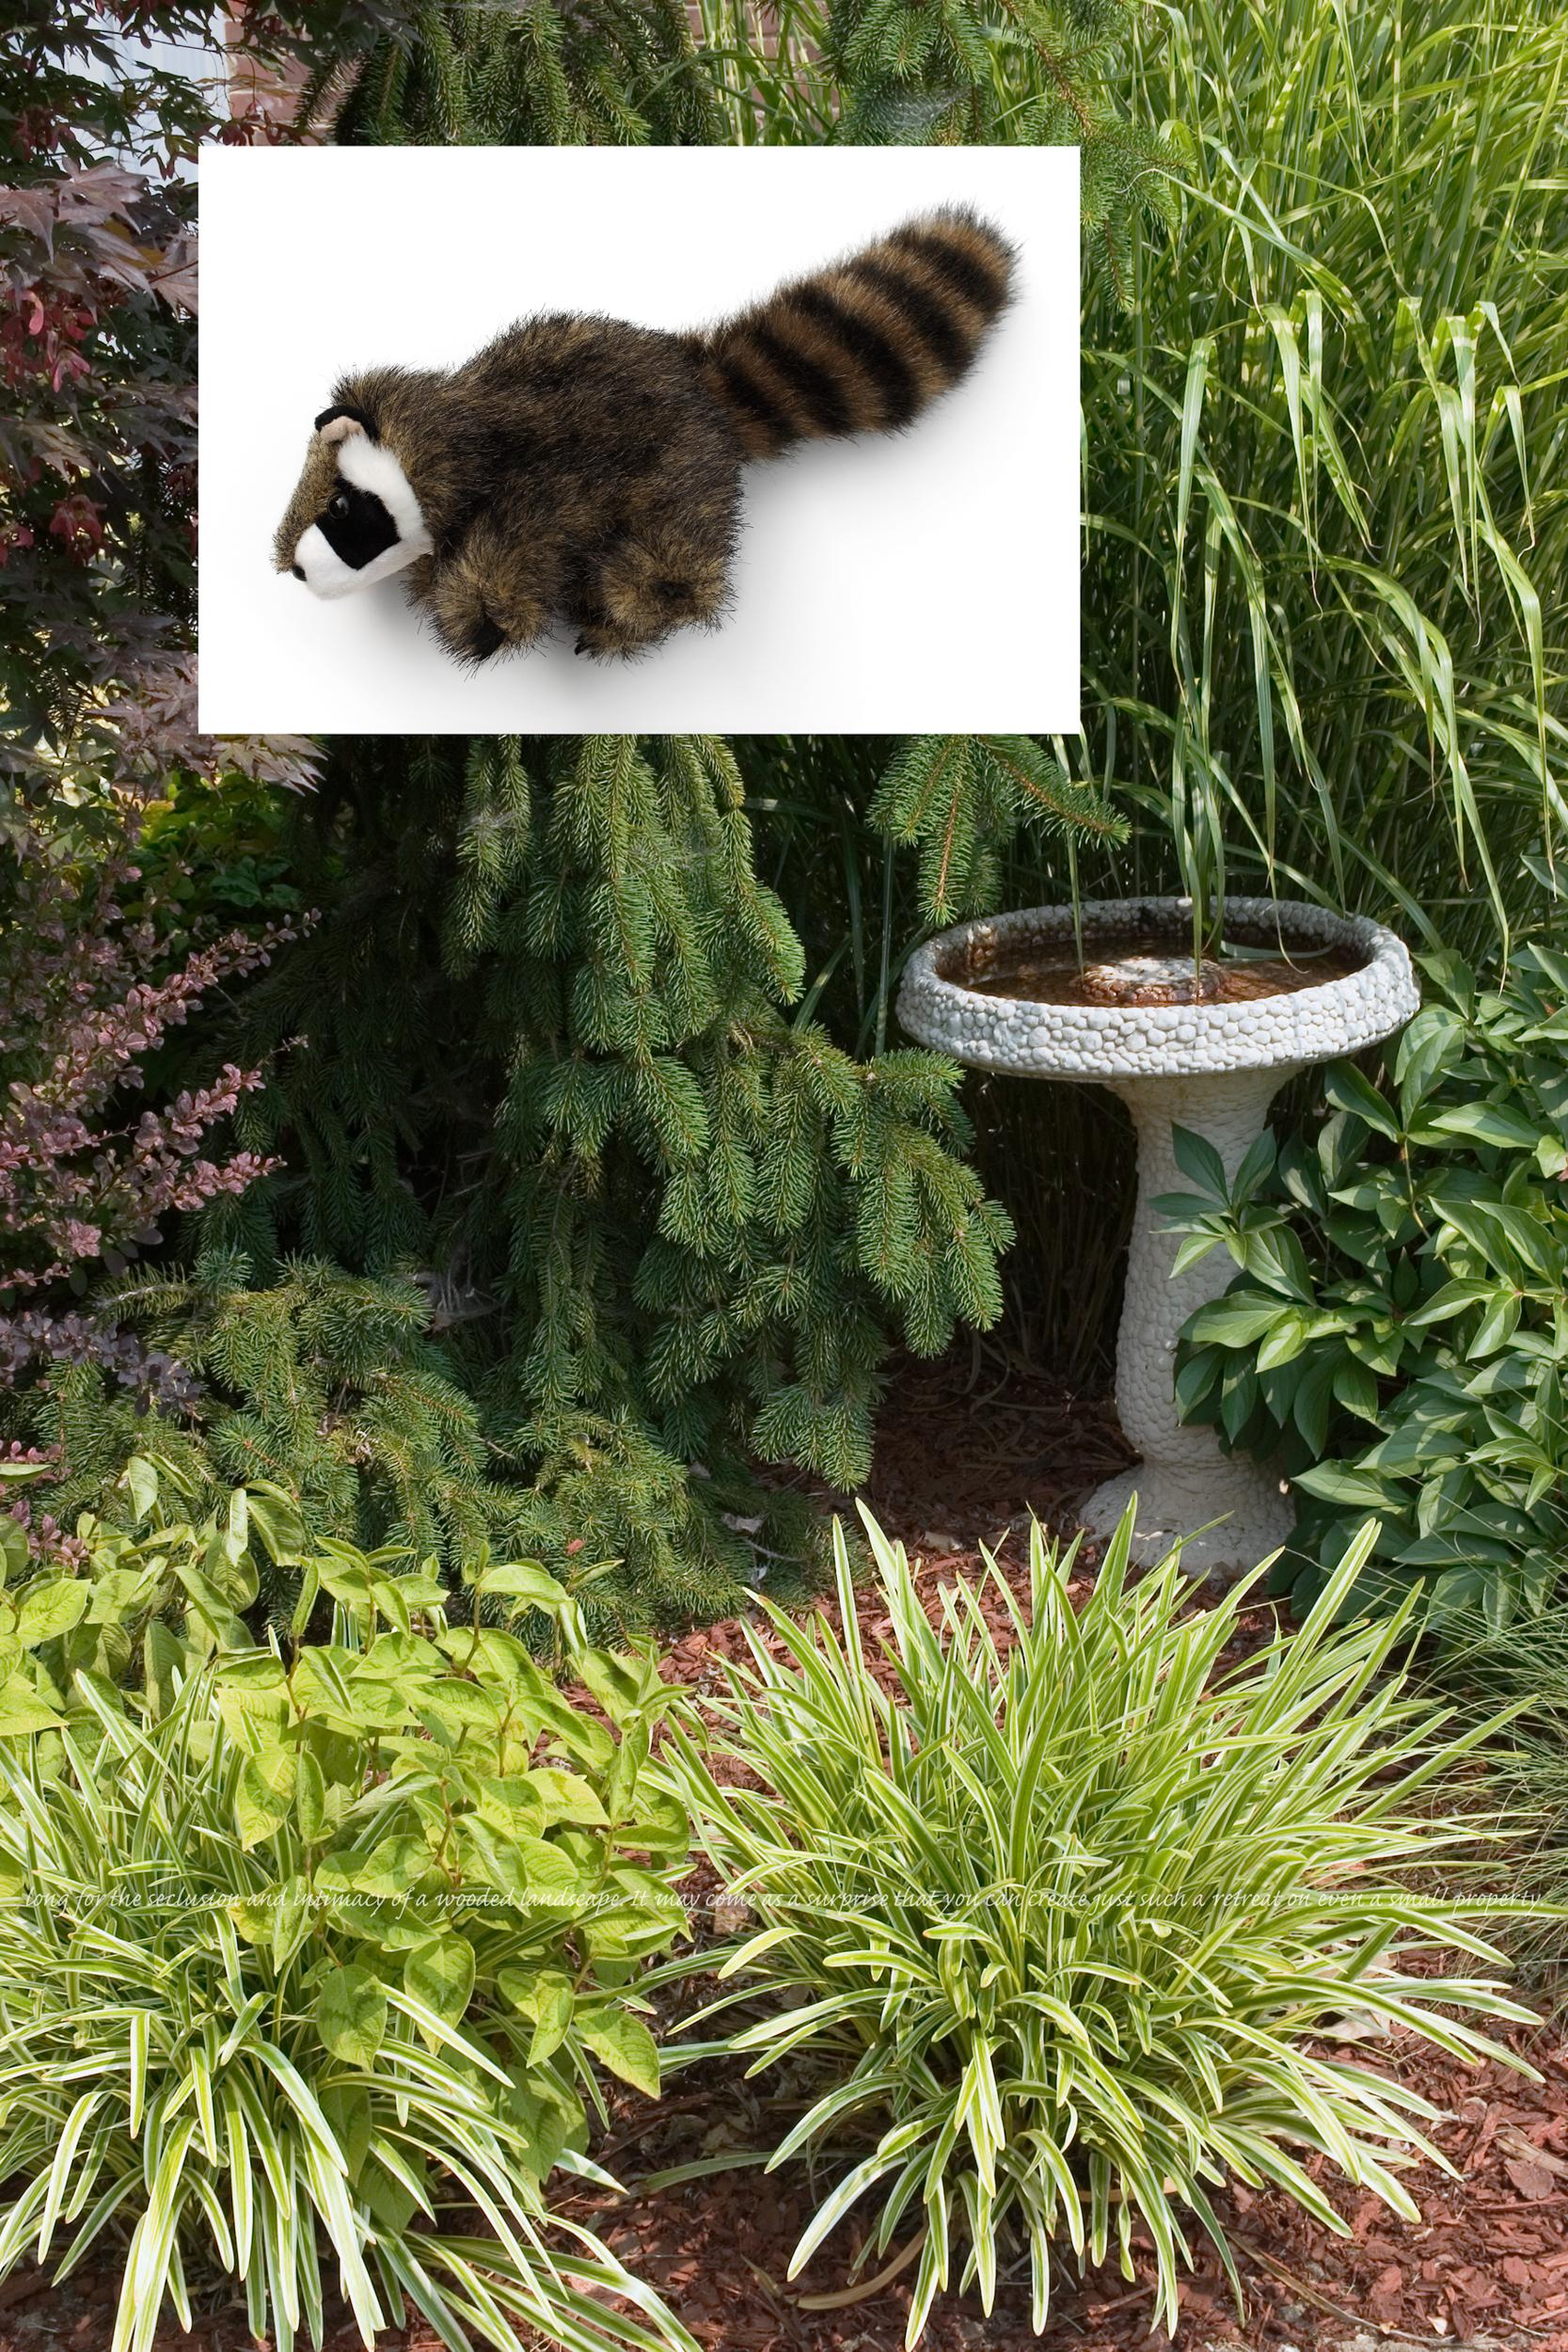 Flora & Fauna: Raccoon